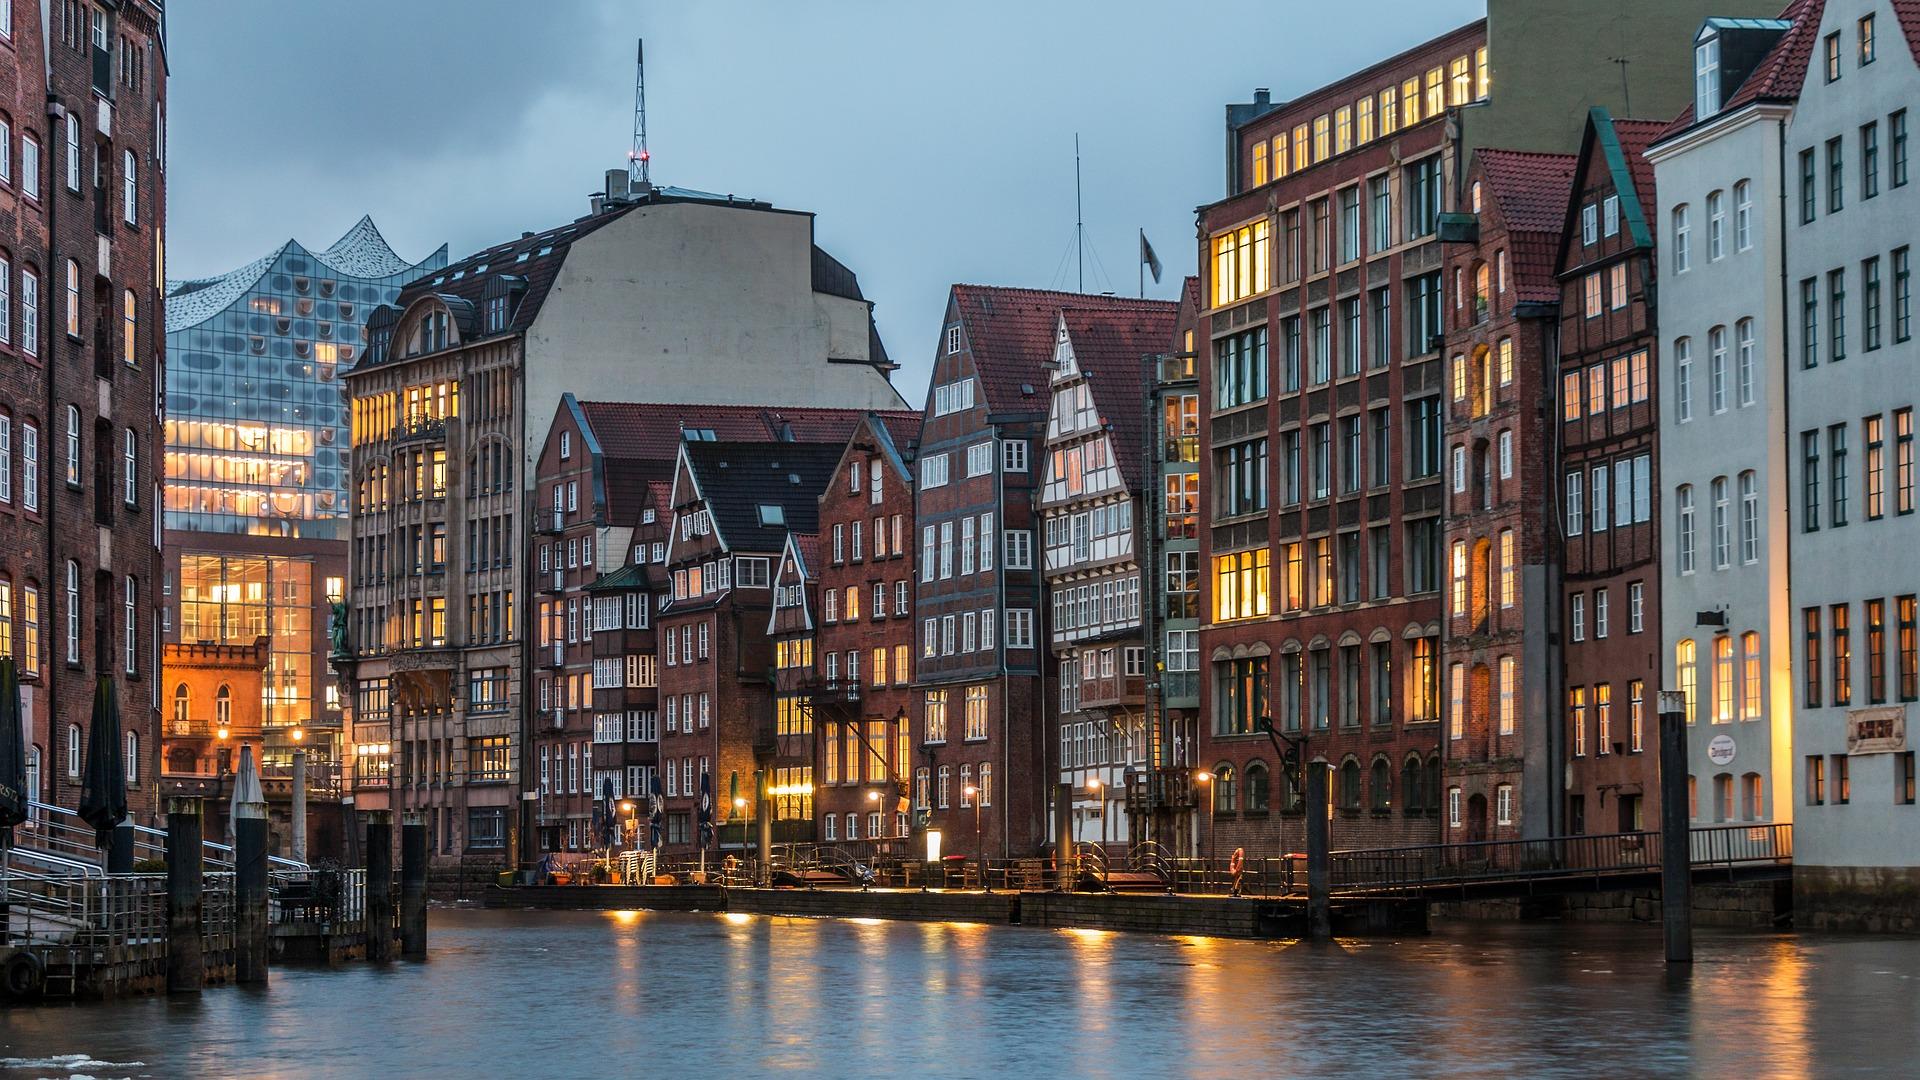 Hamburg City Abendstimmung - Eier fliegen in Richtung Podium, war beim Kirchentag 1981 in Hamburg zu erleben - Foto: Karsten Bergman Pixabay